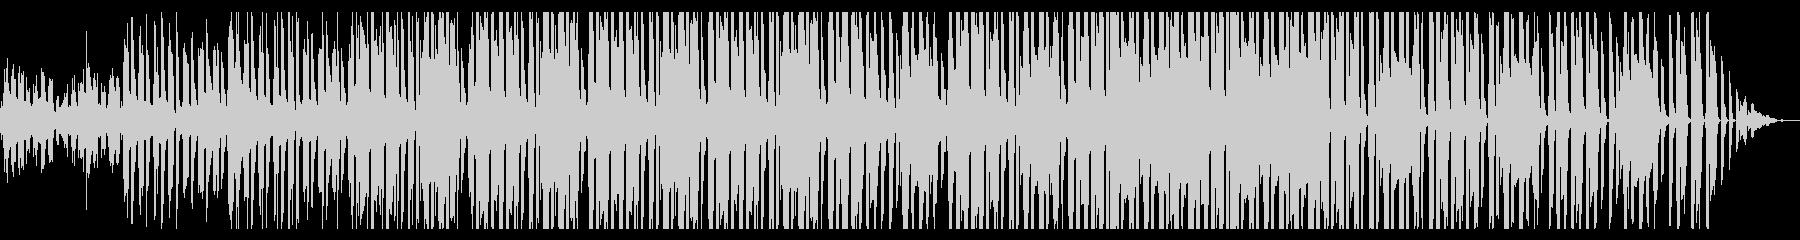 温かみのあるレゲエの未再生の波形